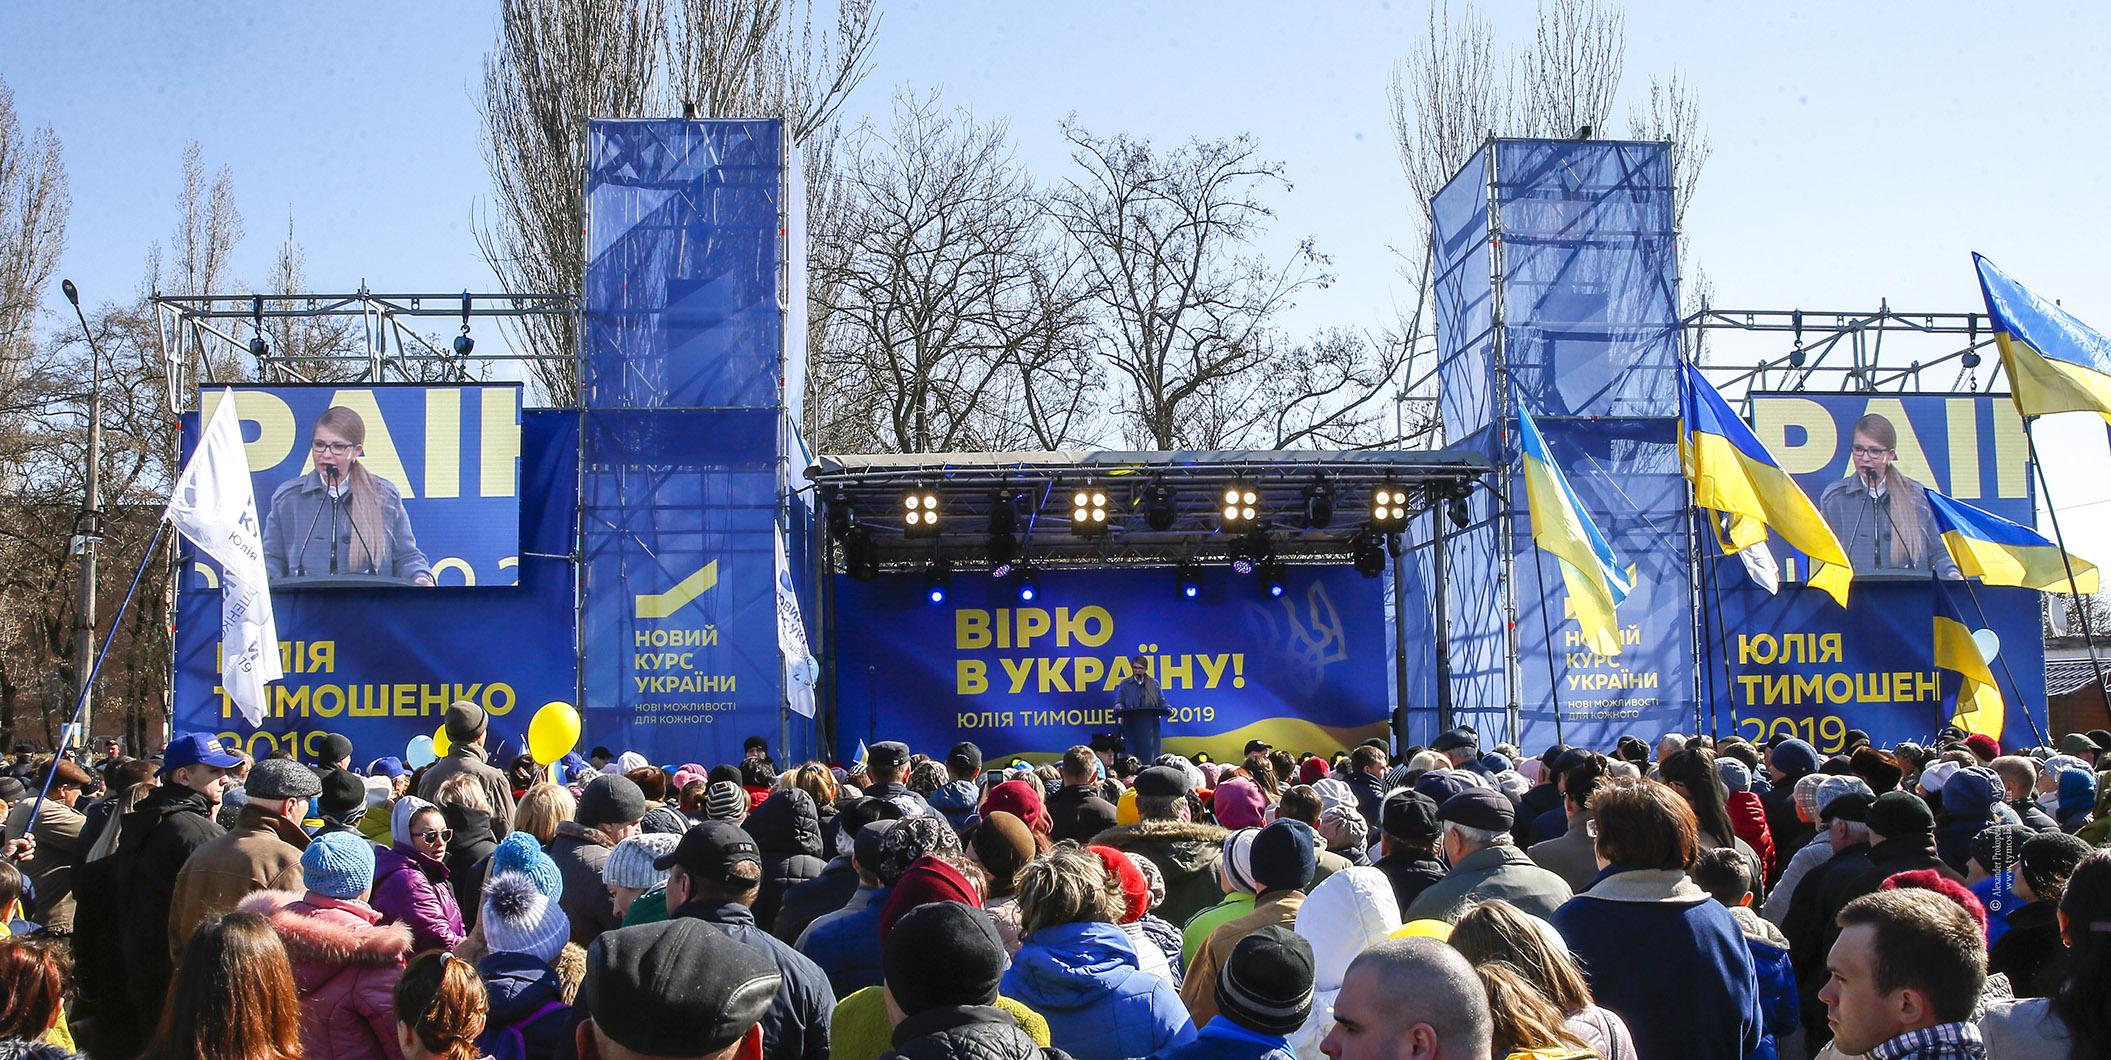 Юлія Тимошенко: Повернемо мир, відродимо Донбас, перезапустимо економіку України